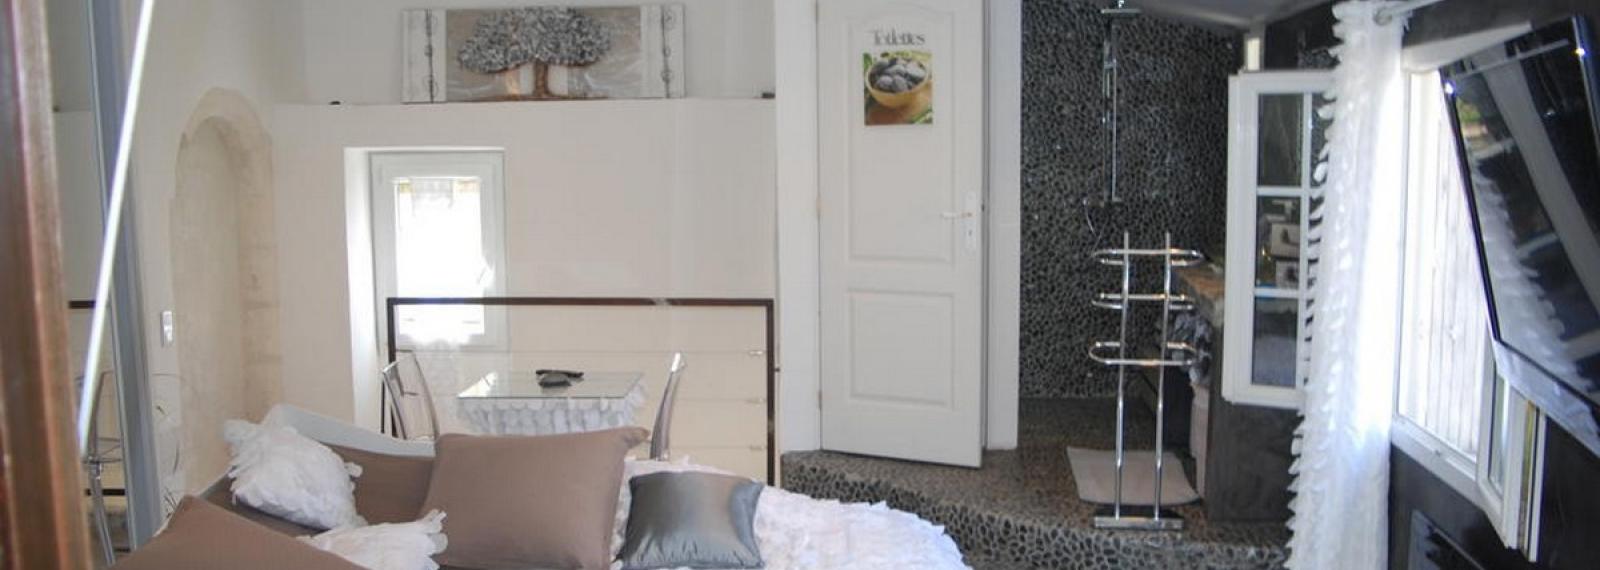 Chambres d'hôtes Les Chambres de Naevag à Saint-Rémy-de-Provence